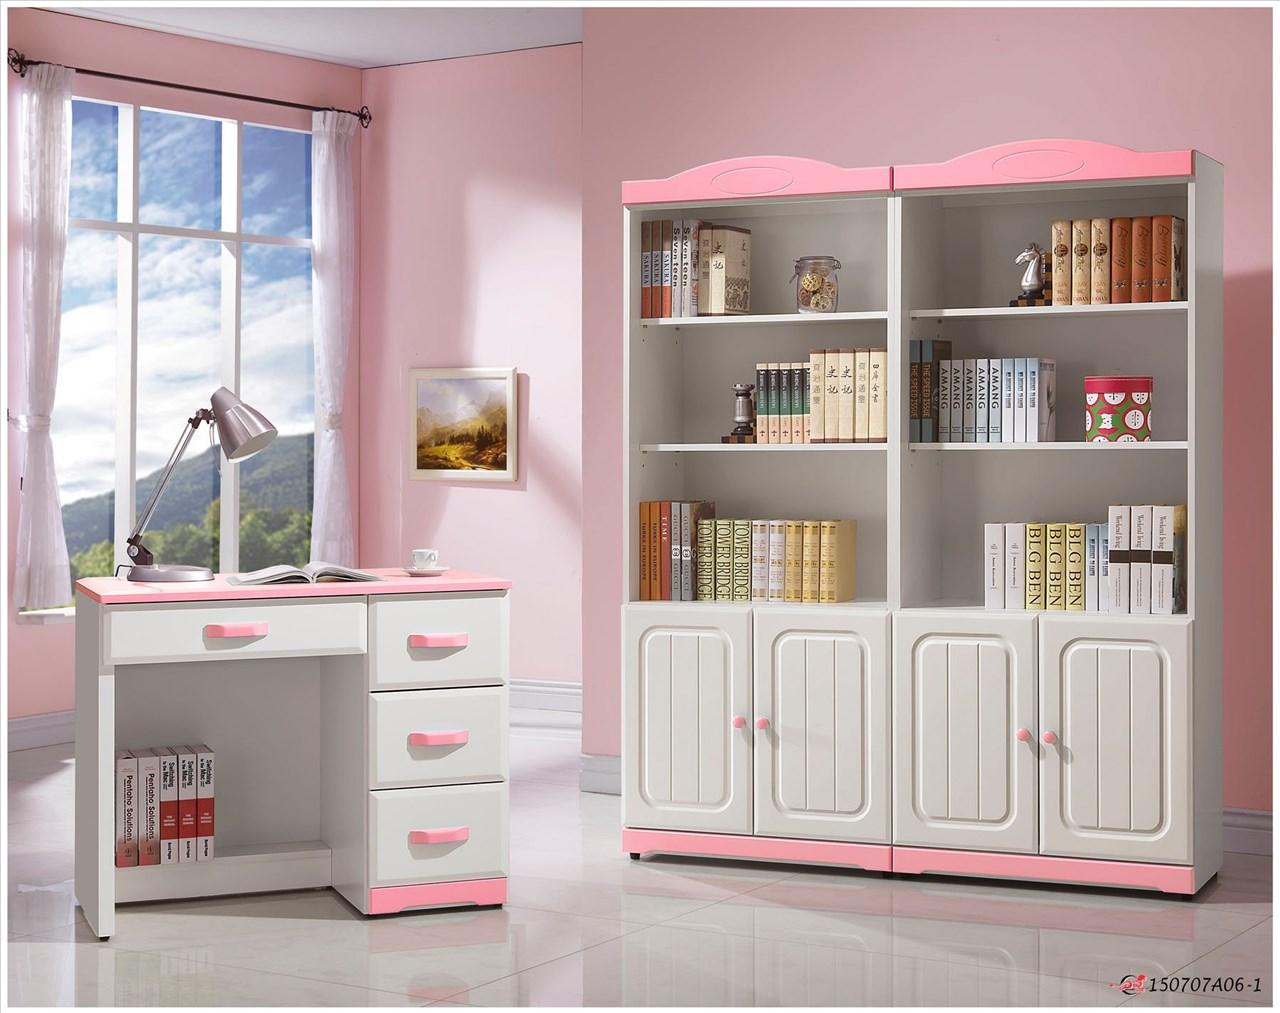 【石川家居】OU-706-4(P12) 泰勒絲2.5尺書櫃 (不含其他商品) 需搭配車趟